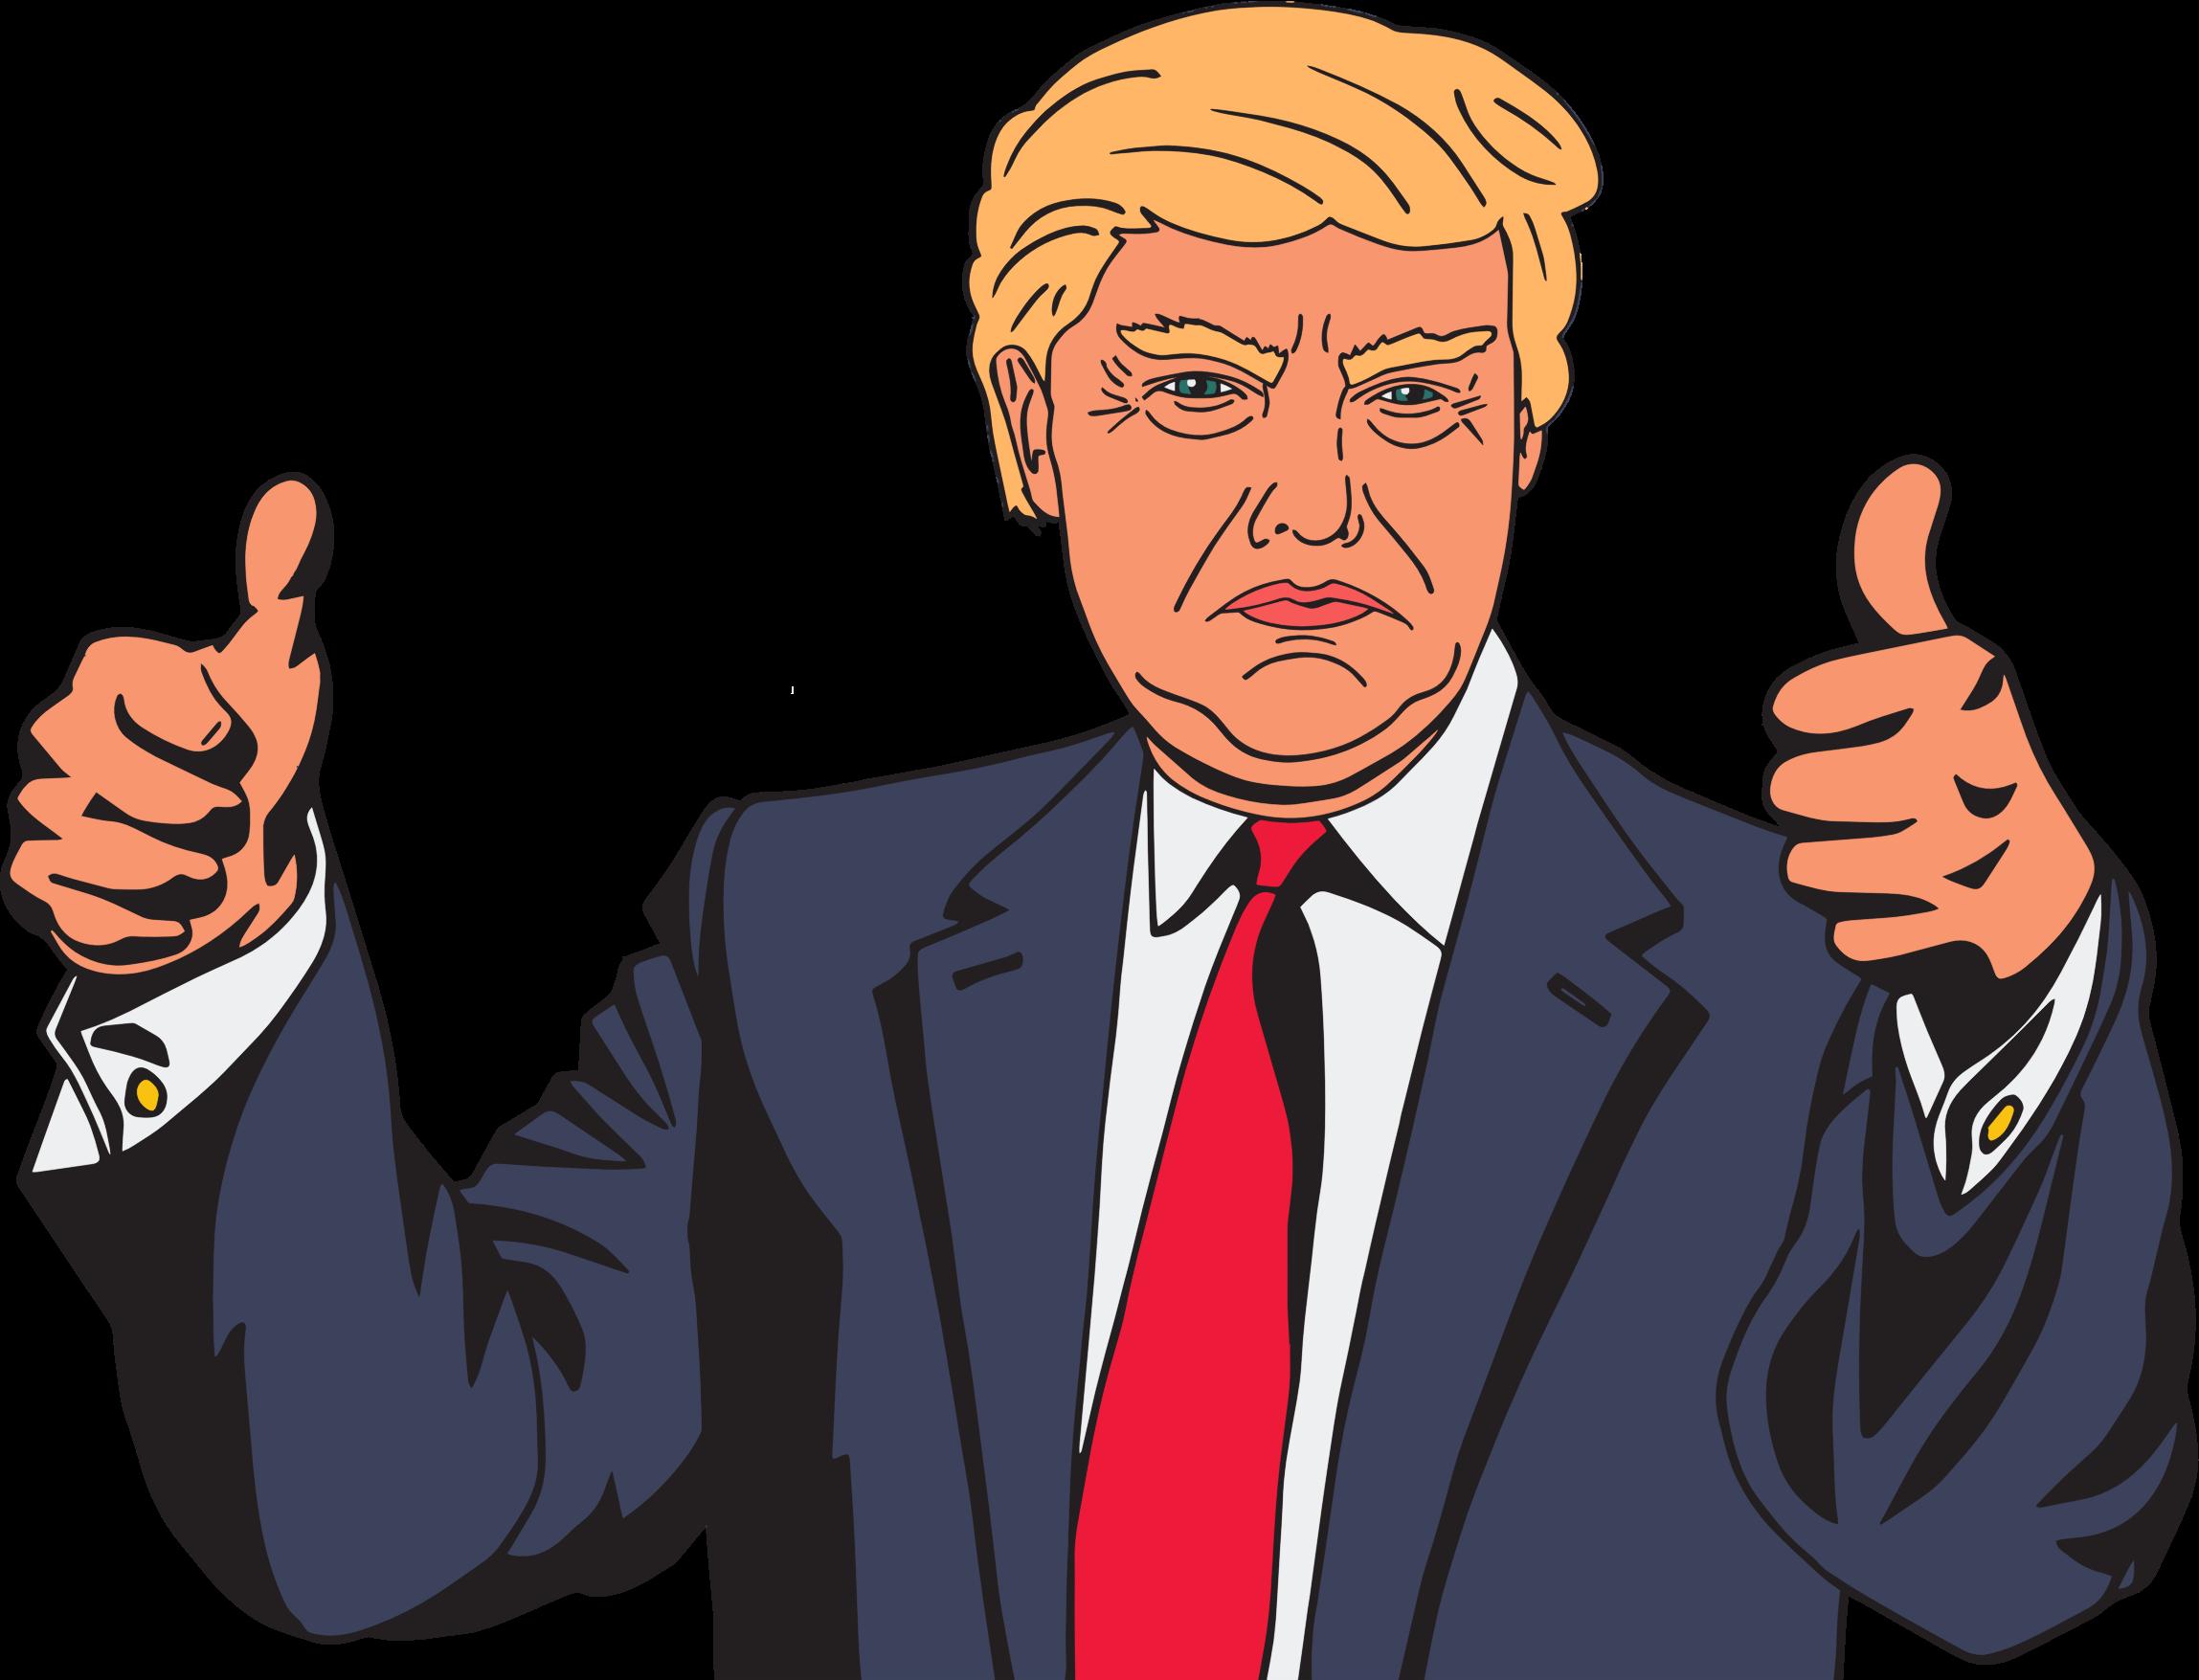 President trump is walking. Politics clipart convincing